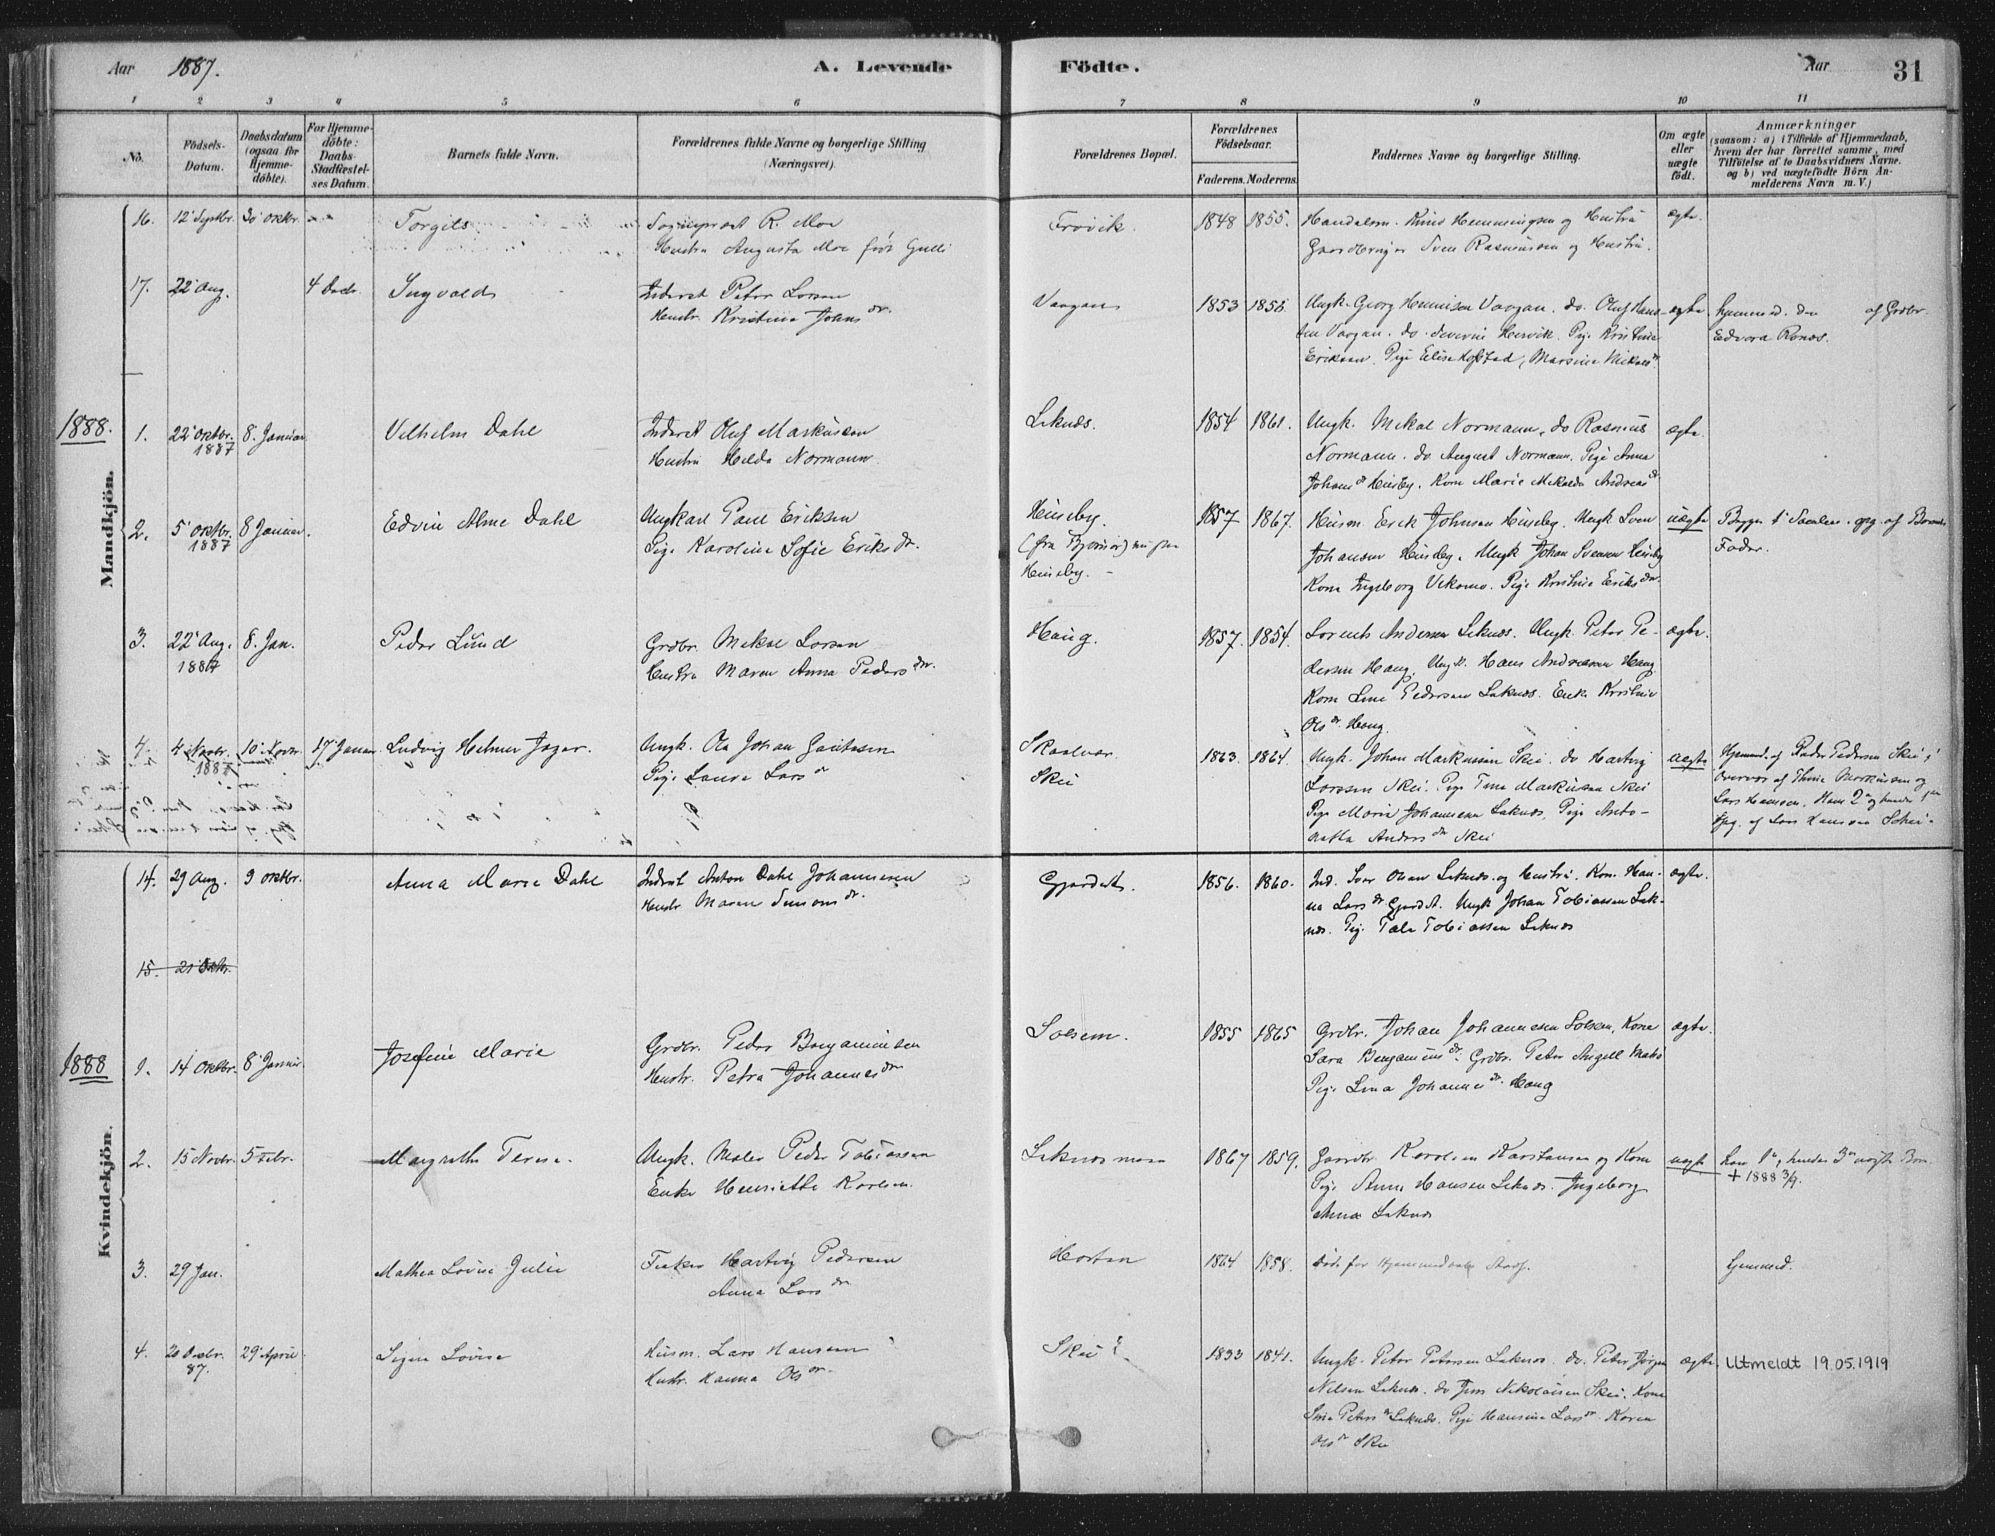 SAT, Ministerialprotokoller, klokkerbøker og fødselsregistre - Nord-Trøndelag, 788/L0697: Ministerialbok nr. 788A04, 1878-1902, s. 31